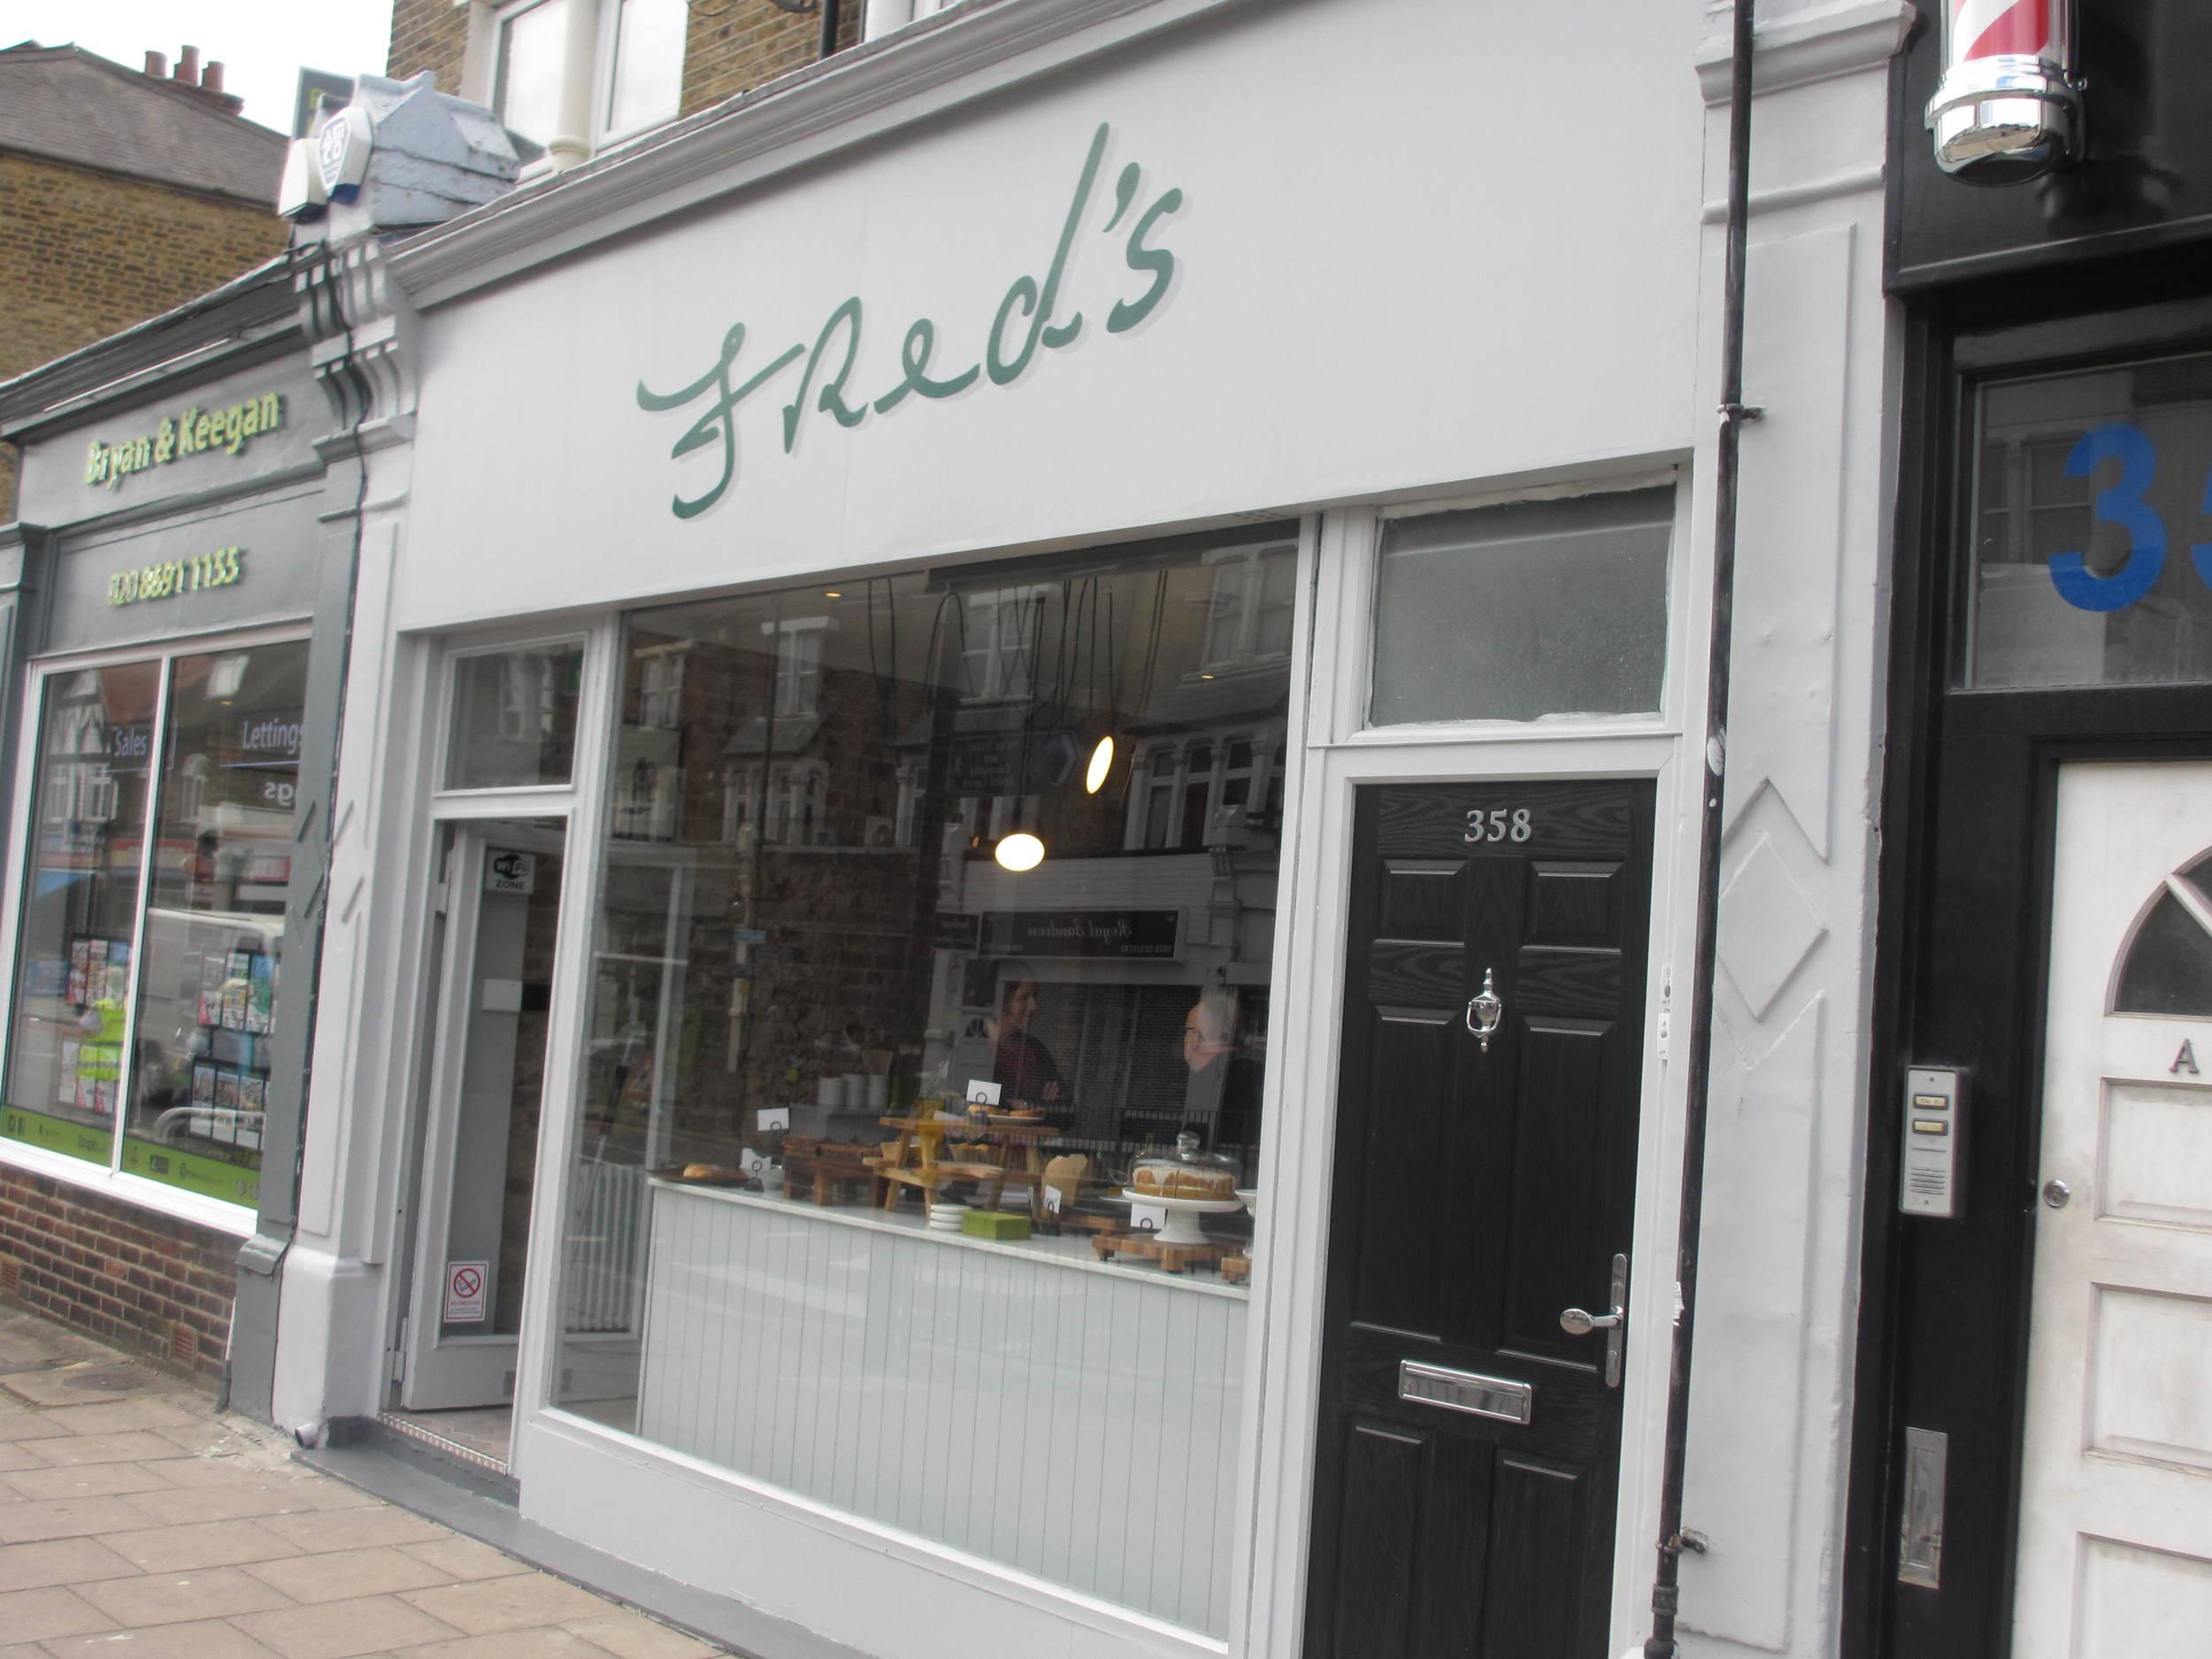 Lewisham Card Fred's